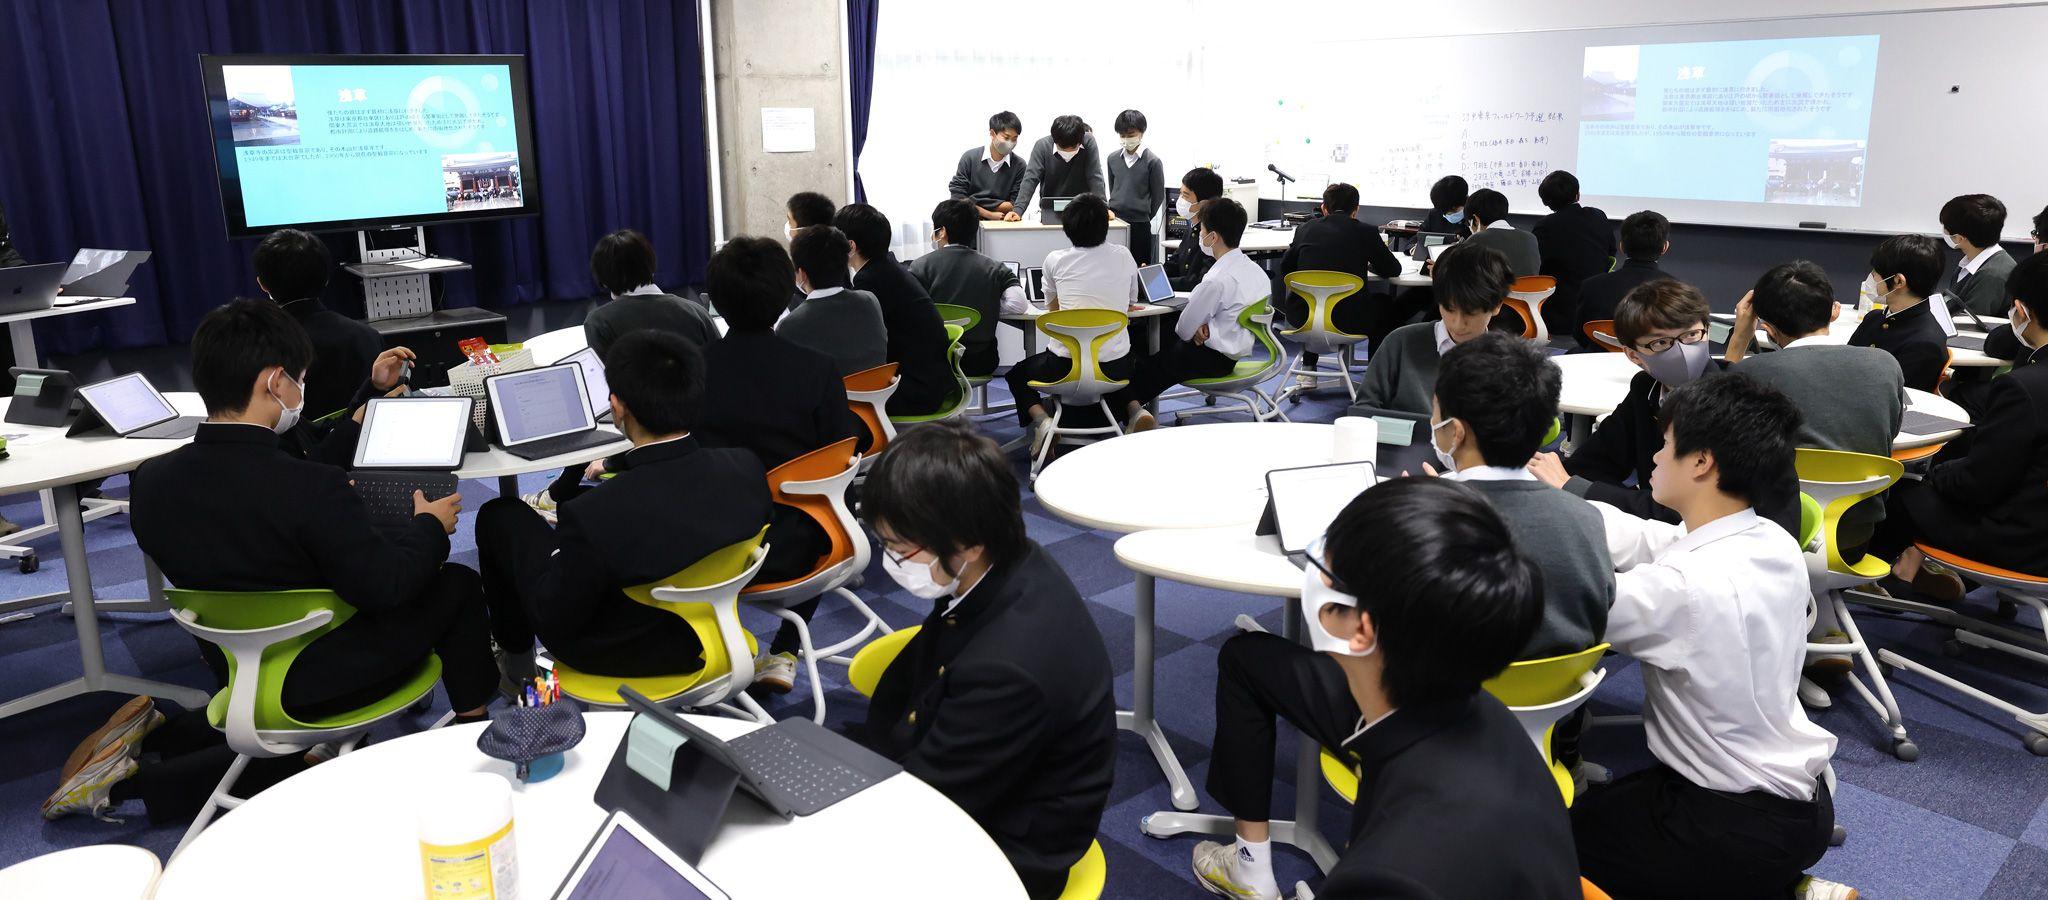 伝統の進学校「iPadをどう使うかは自由」の真意